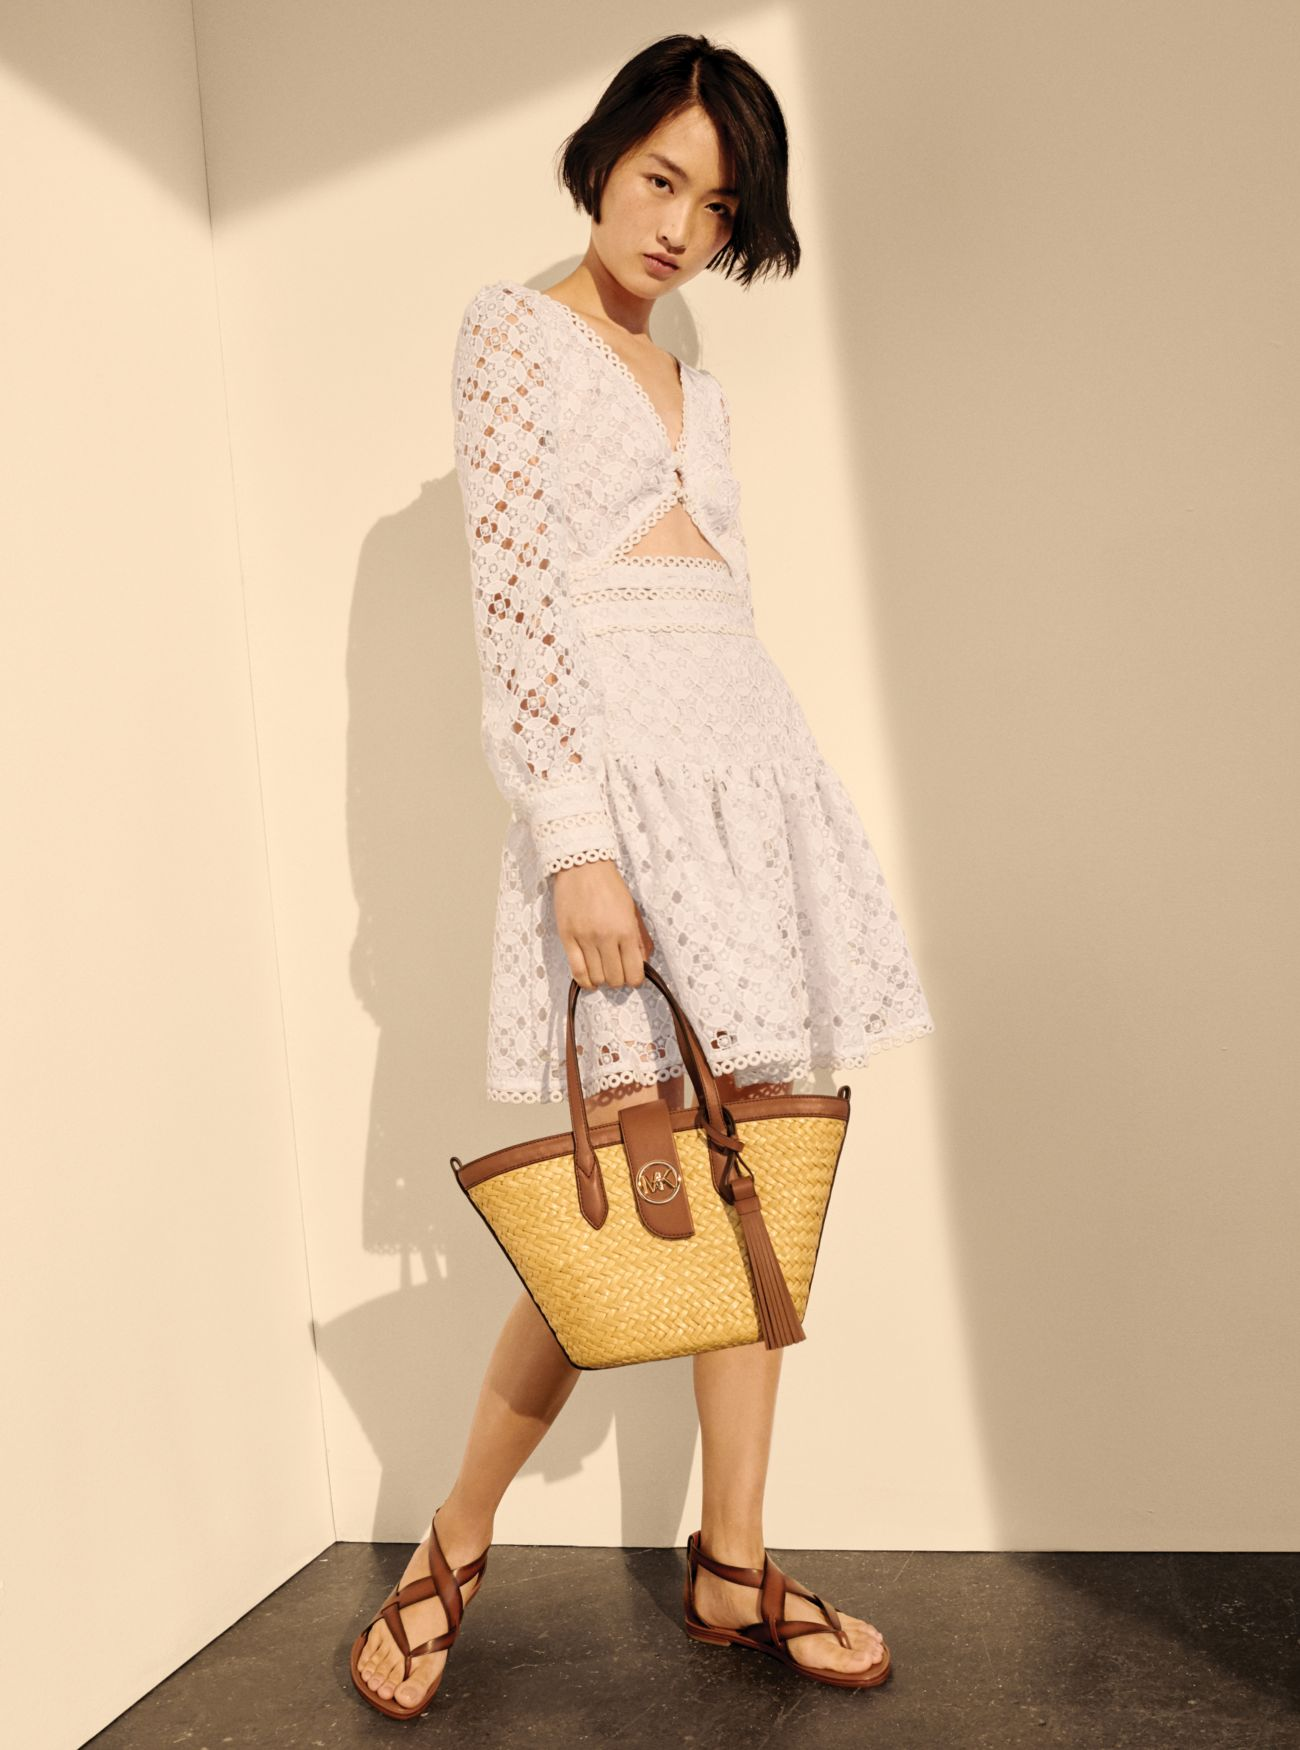 Lace Cutout Dress, Malibu Tote, Shaw Sandal | Michael Kors